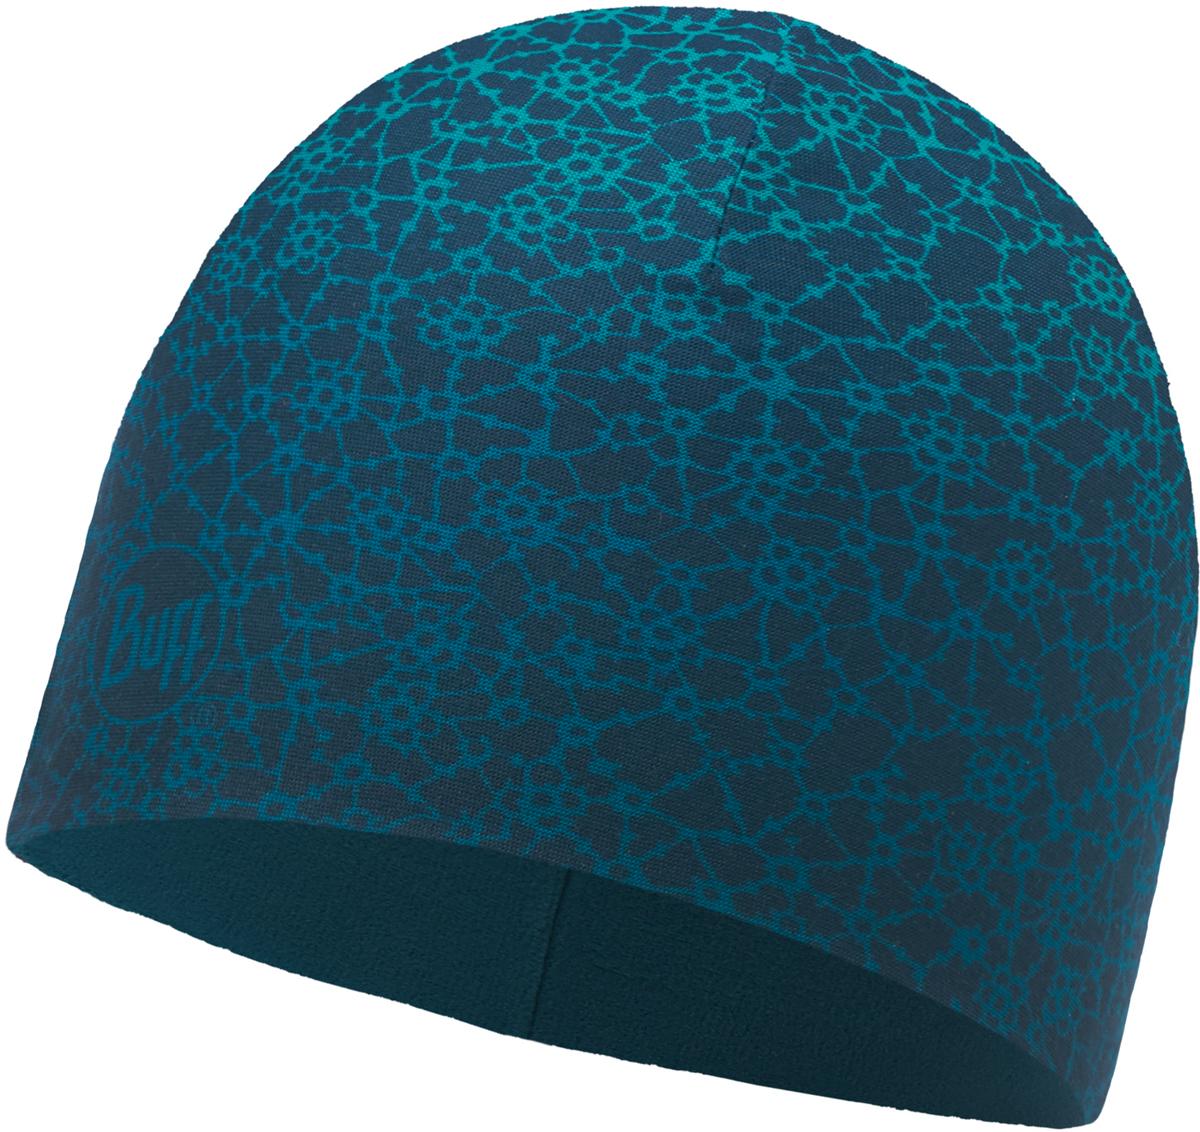 Шапка Buff Polar, цвет: бирюзовый. 115360.718.10.00. Размер универсальный115360.718.10.00Шапка Buff Polar в холодную погоду поддерживает нормальную температуру тела и предотвращает потерю тепла, благодаря комбинации микрофибры и Polartec. Шапка является неотъемлемой частью зимней одежды.